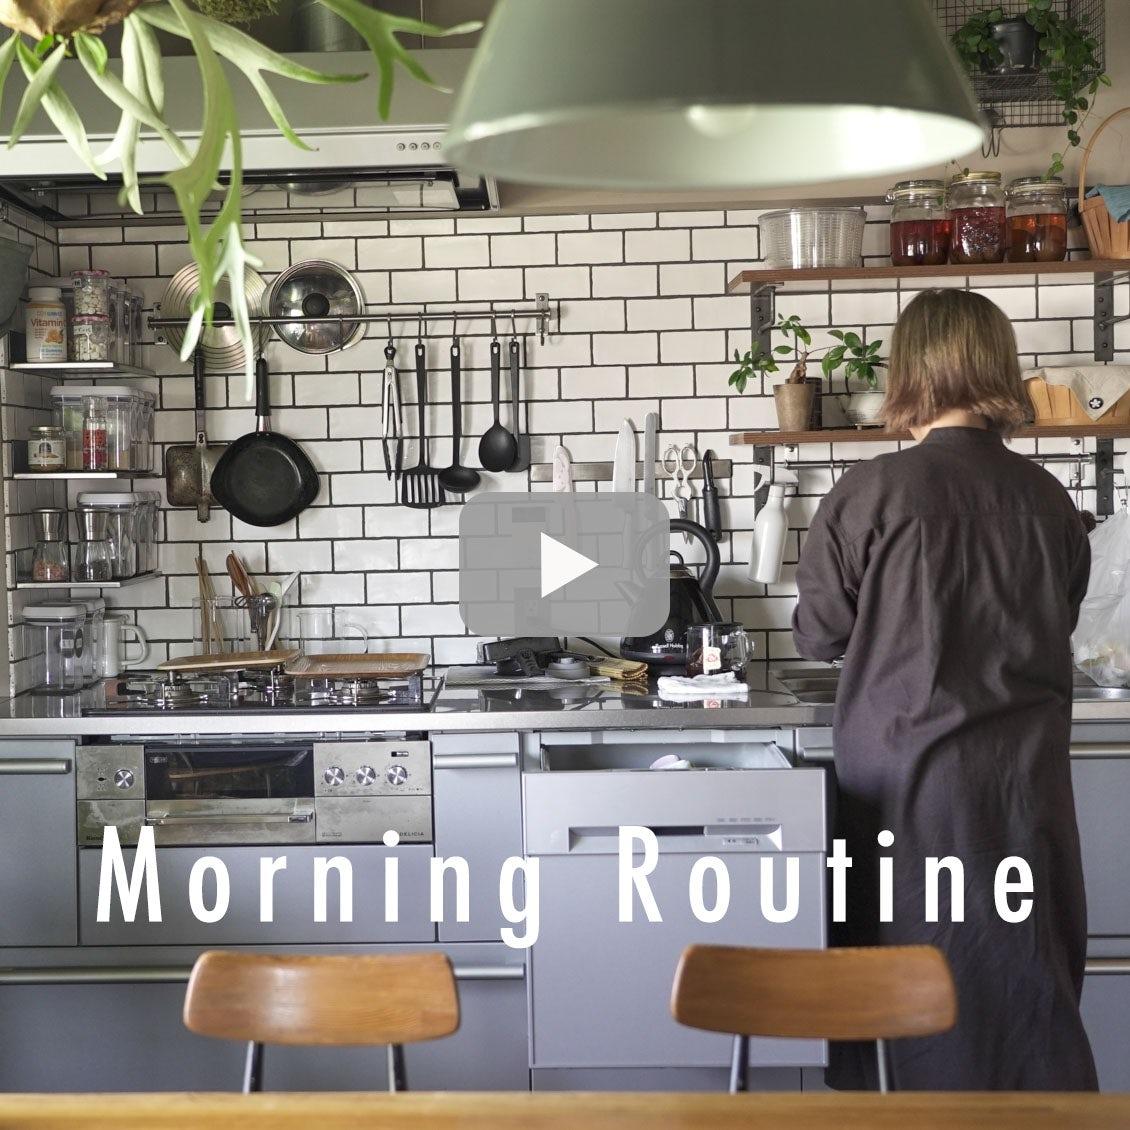 【わたしの朝習慣】家事をパターン化し、負担を減らす朝時間。得意な家事を夫婦で分担するから続くルーティン。